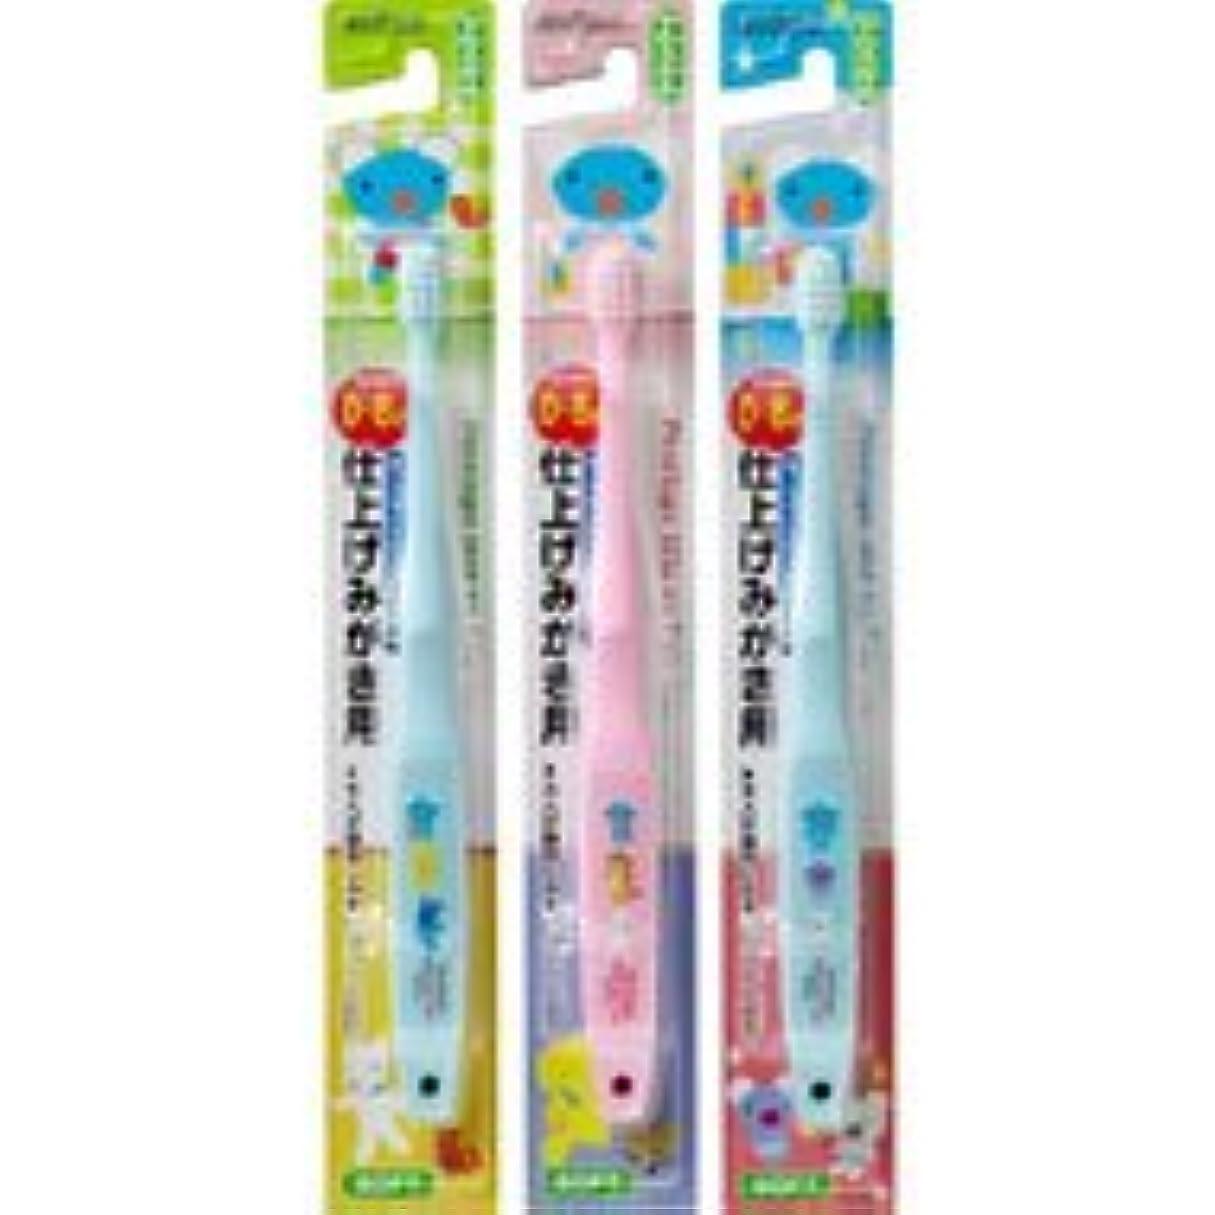 拡大する寸前用量ペネロペ仕上げ磨き用歯ブラシ 3本 ※種類は当店お任せとなります